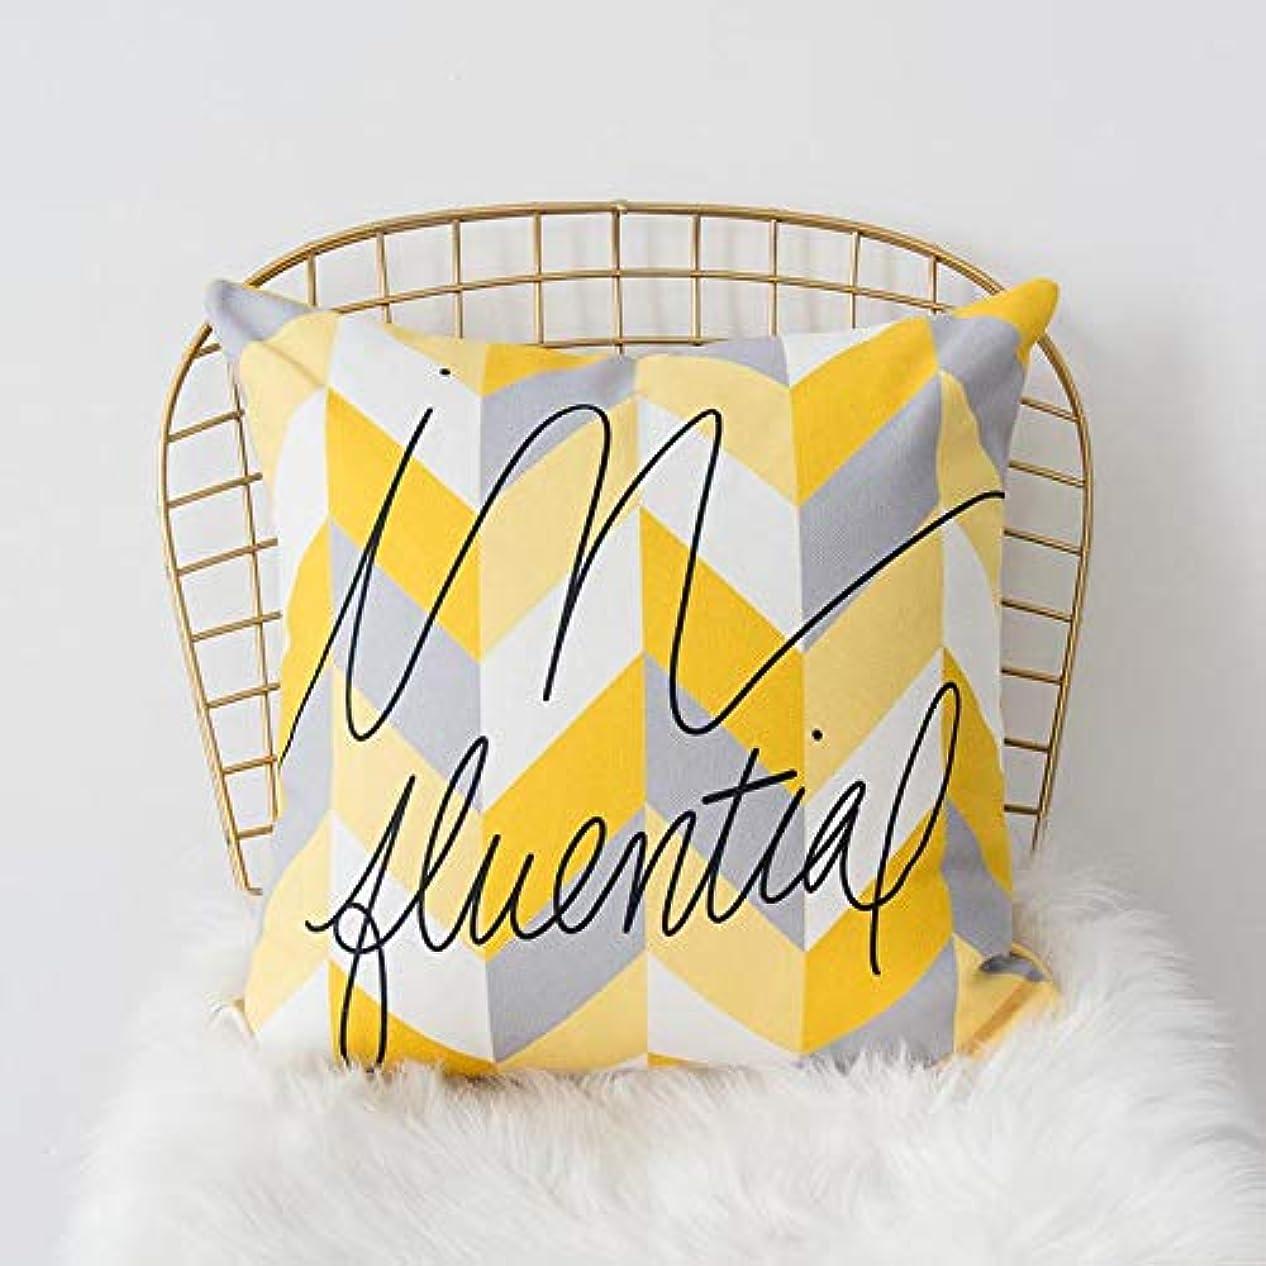 解説カテナ恩恵SMART 黄色グレー枕北欧スタイル黄色ヘラジカ幾何枕リビングルームのインテリアソファクッション Cojines 装飾良質 クッション 椅子